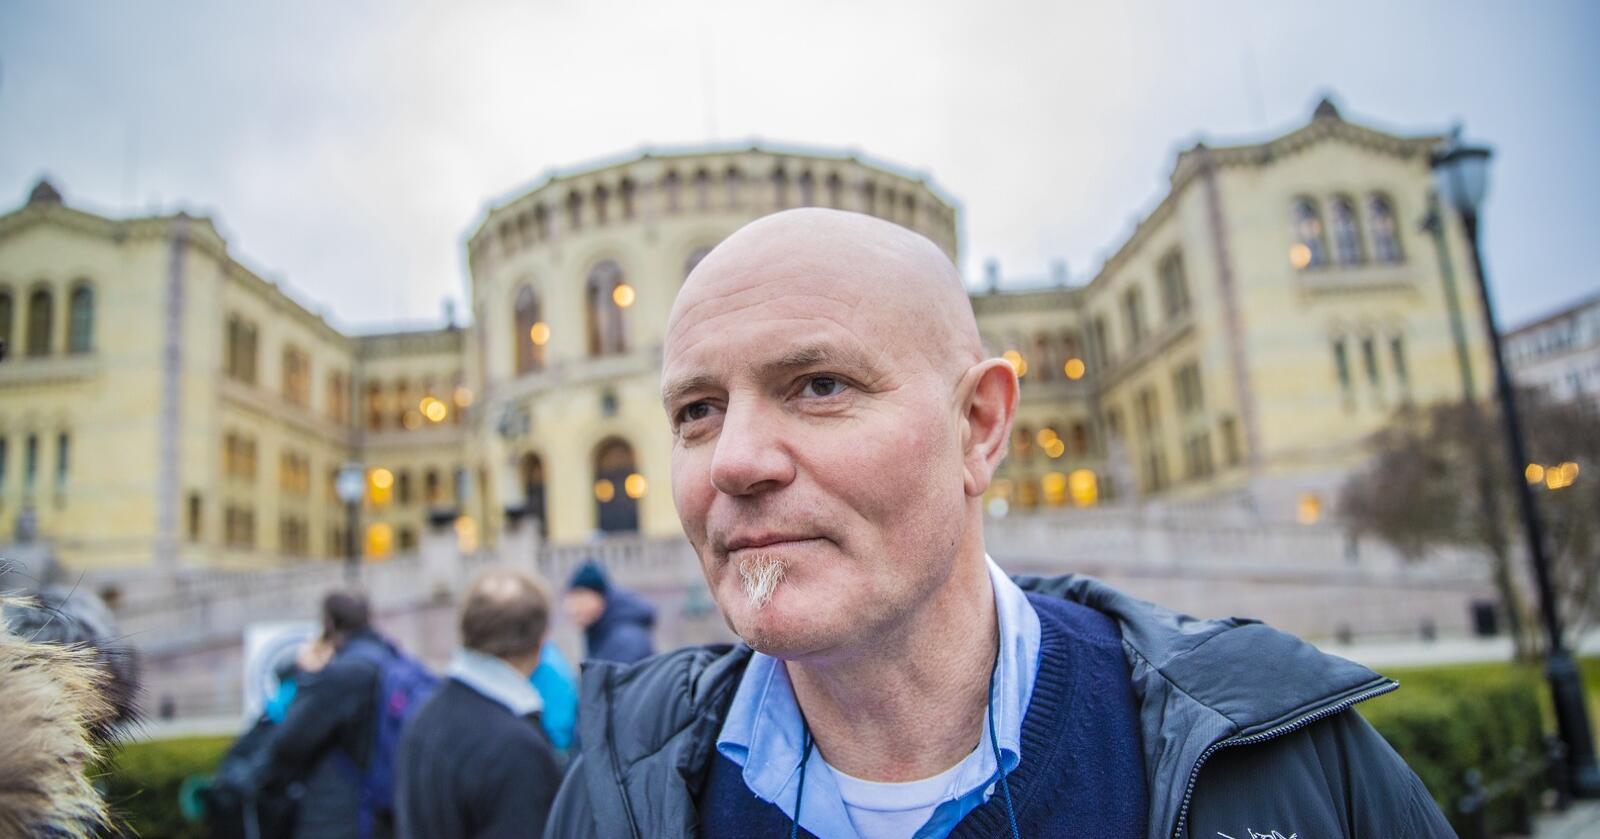 Øystein Storholm fra Oppdal var pelsdyrbonde. Han mener regjeringa, med Olaug Bollestad som landbruksminister, ikke har sikret god nok erstatning for tapet næringa nå lider under. Foto: Stian Lysberg Solum / NTB